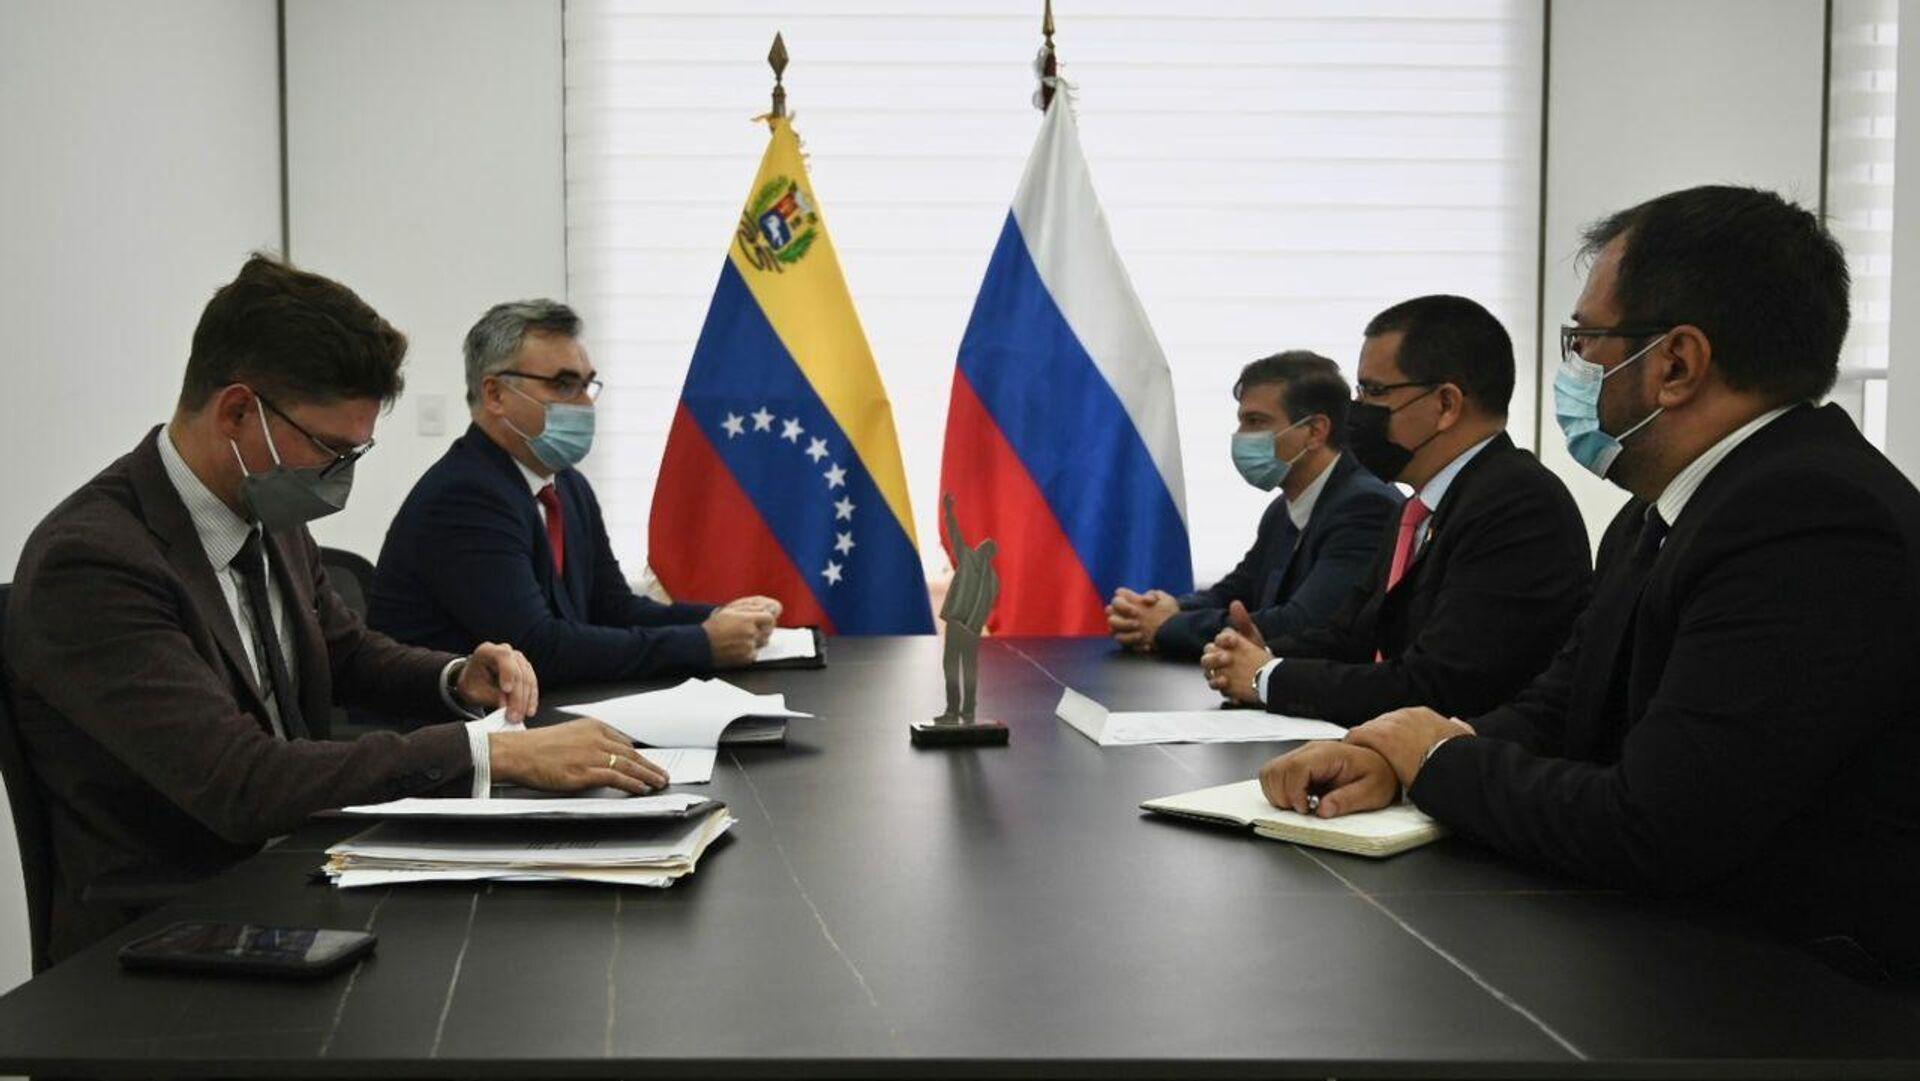 Debate inversiones entre Venezuela, Bielorrusia, Rusia y Turquía - Sputnik Mundo, 1920, 29.09.2021